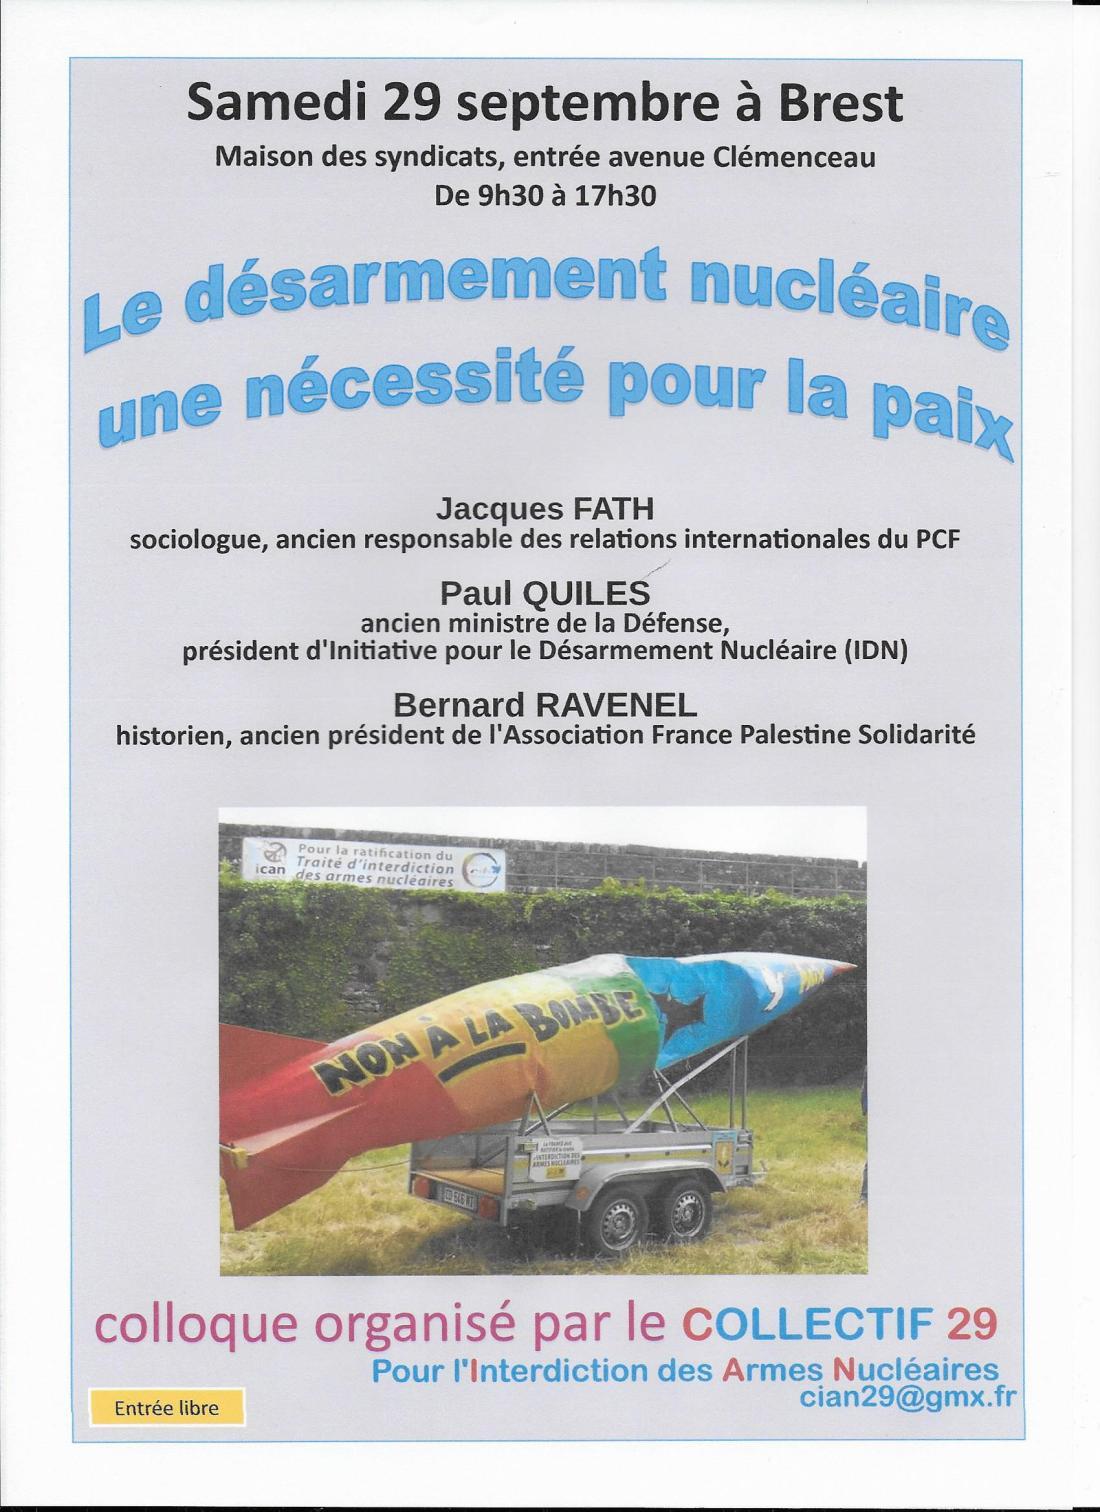 Brest Colloque interdiction des armes nucléaires 29 09 18